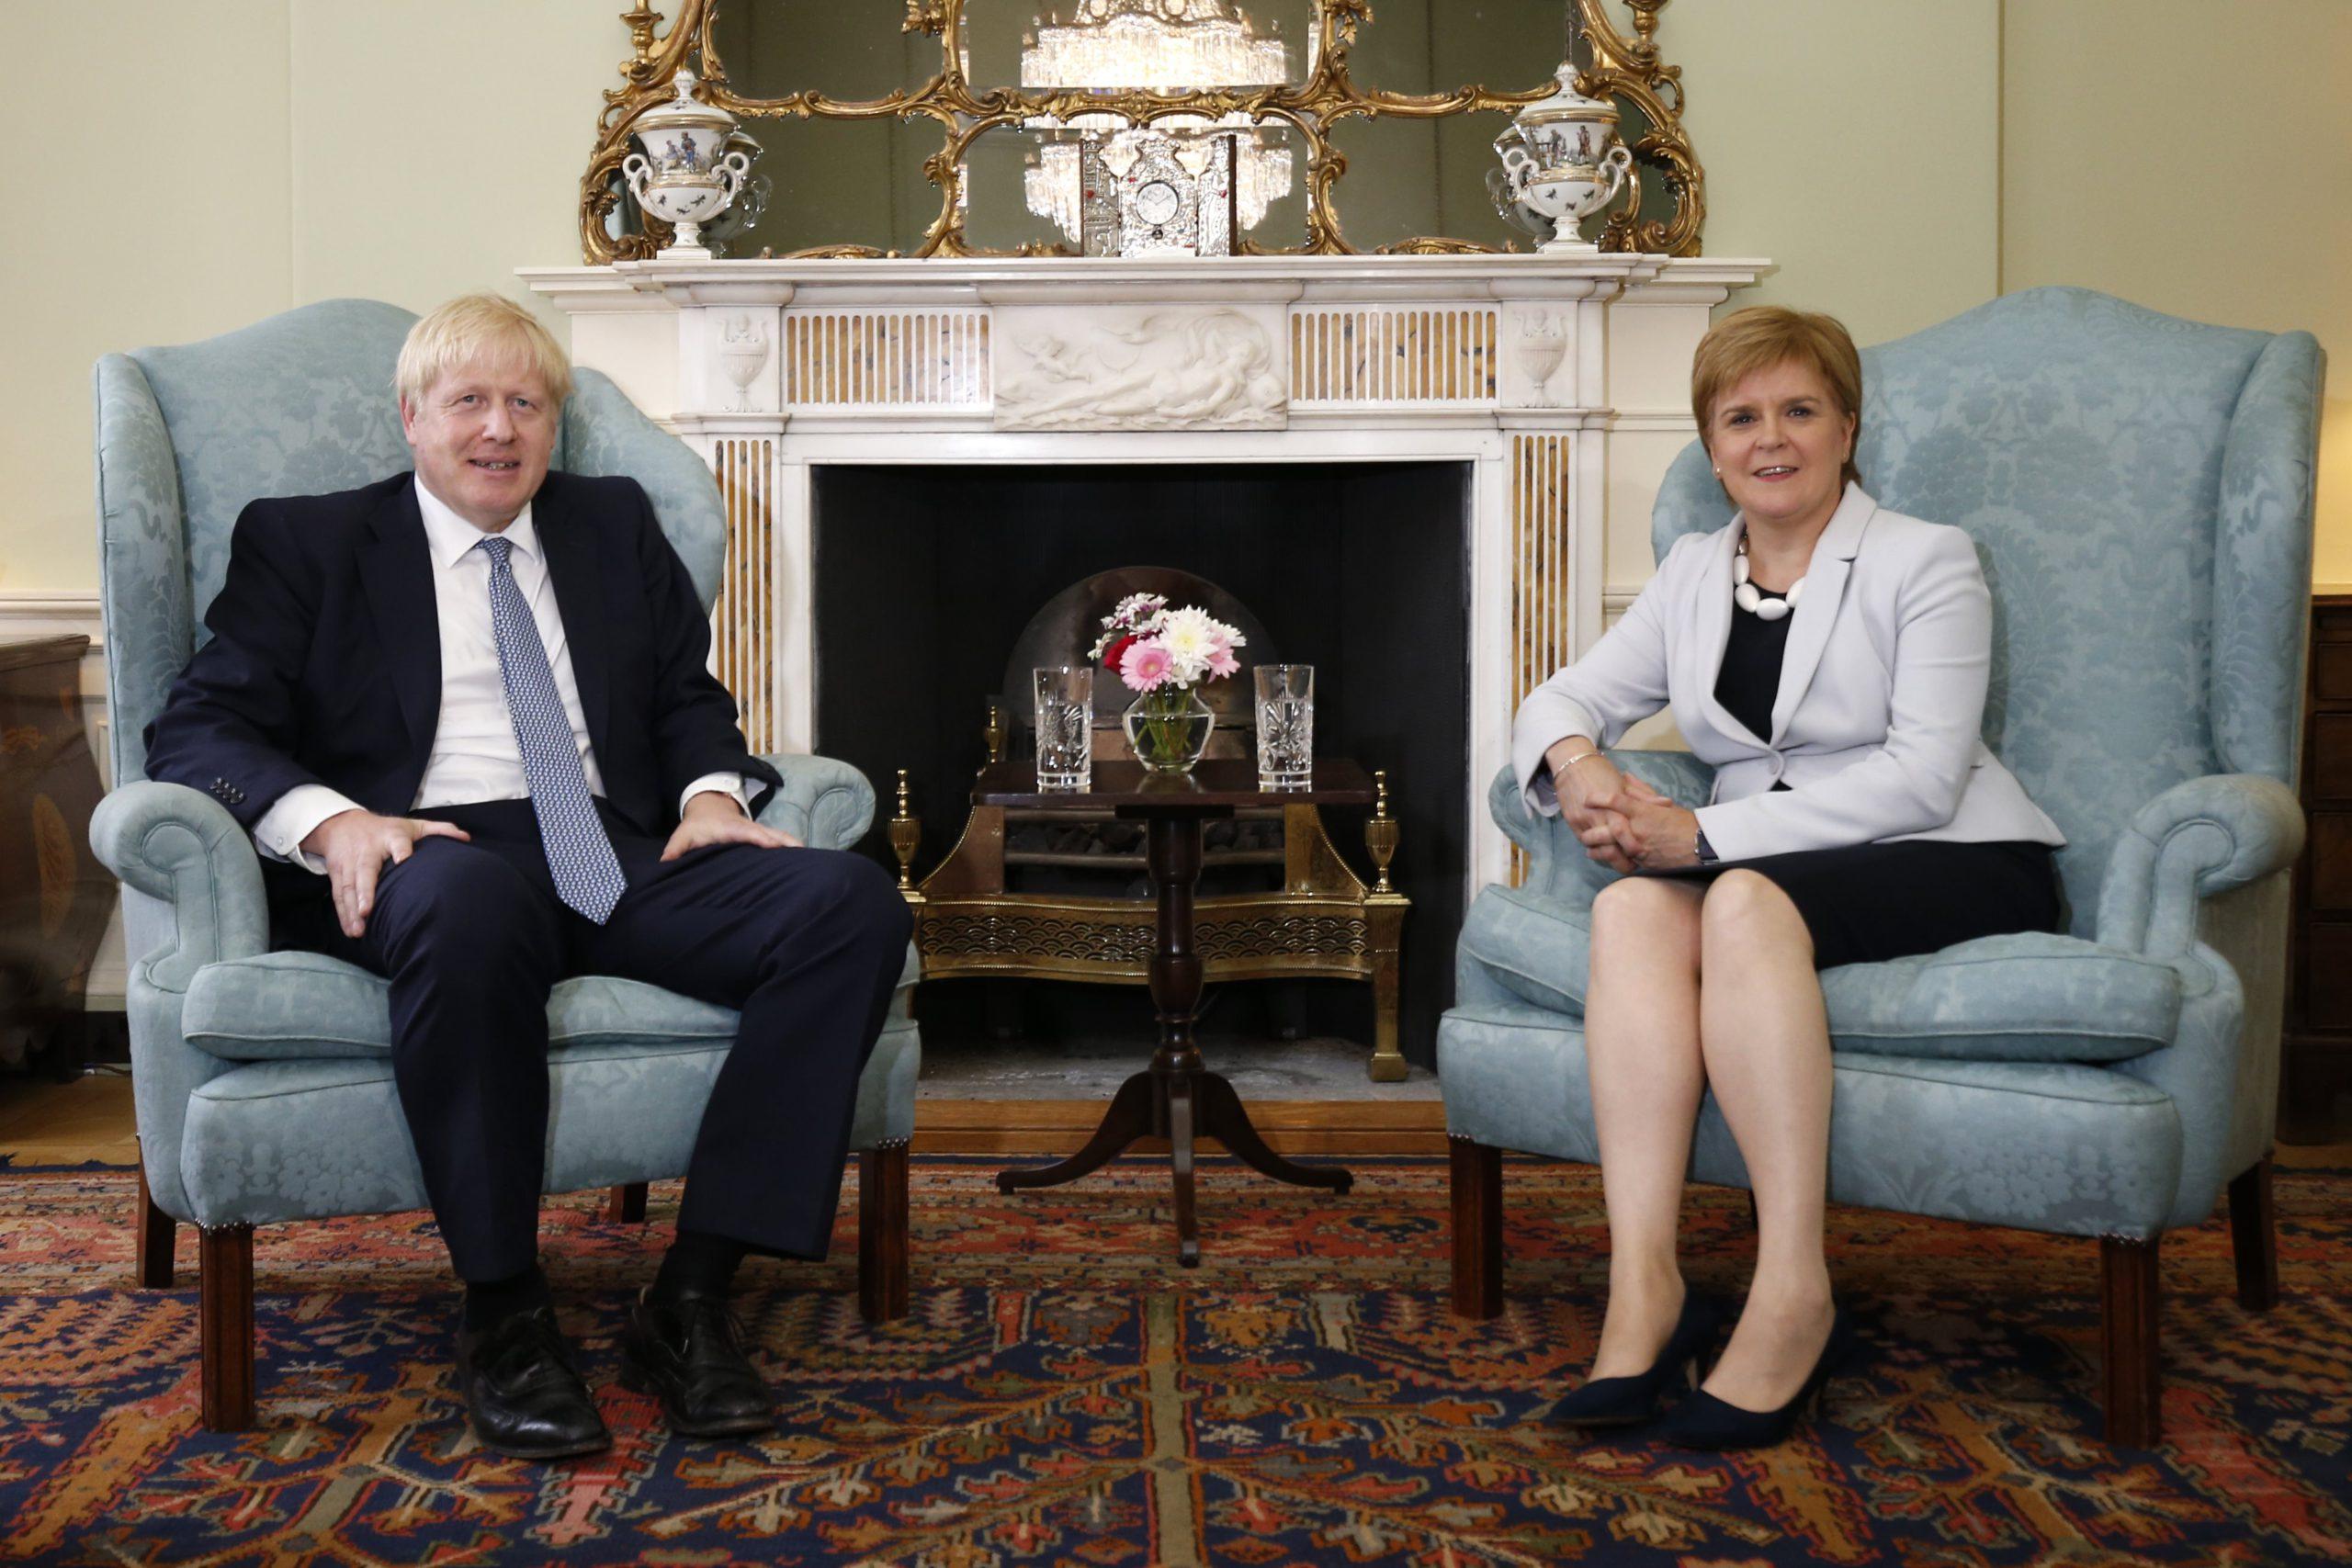 Brits premier Boris Johnson op bezoek bij zijn Schotse collega Nicola Sturgeon in juli. Toen leek het water tussen beiden nog niet zo diep. - Isopix.